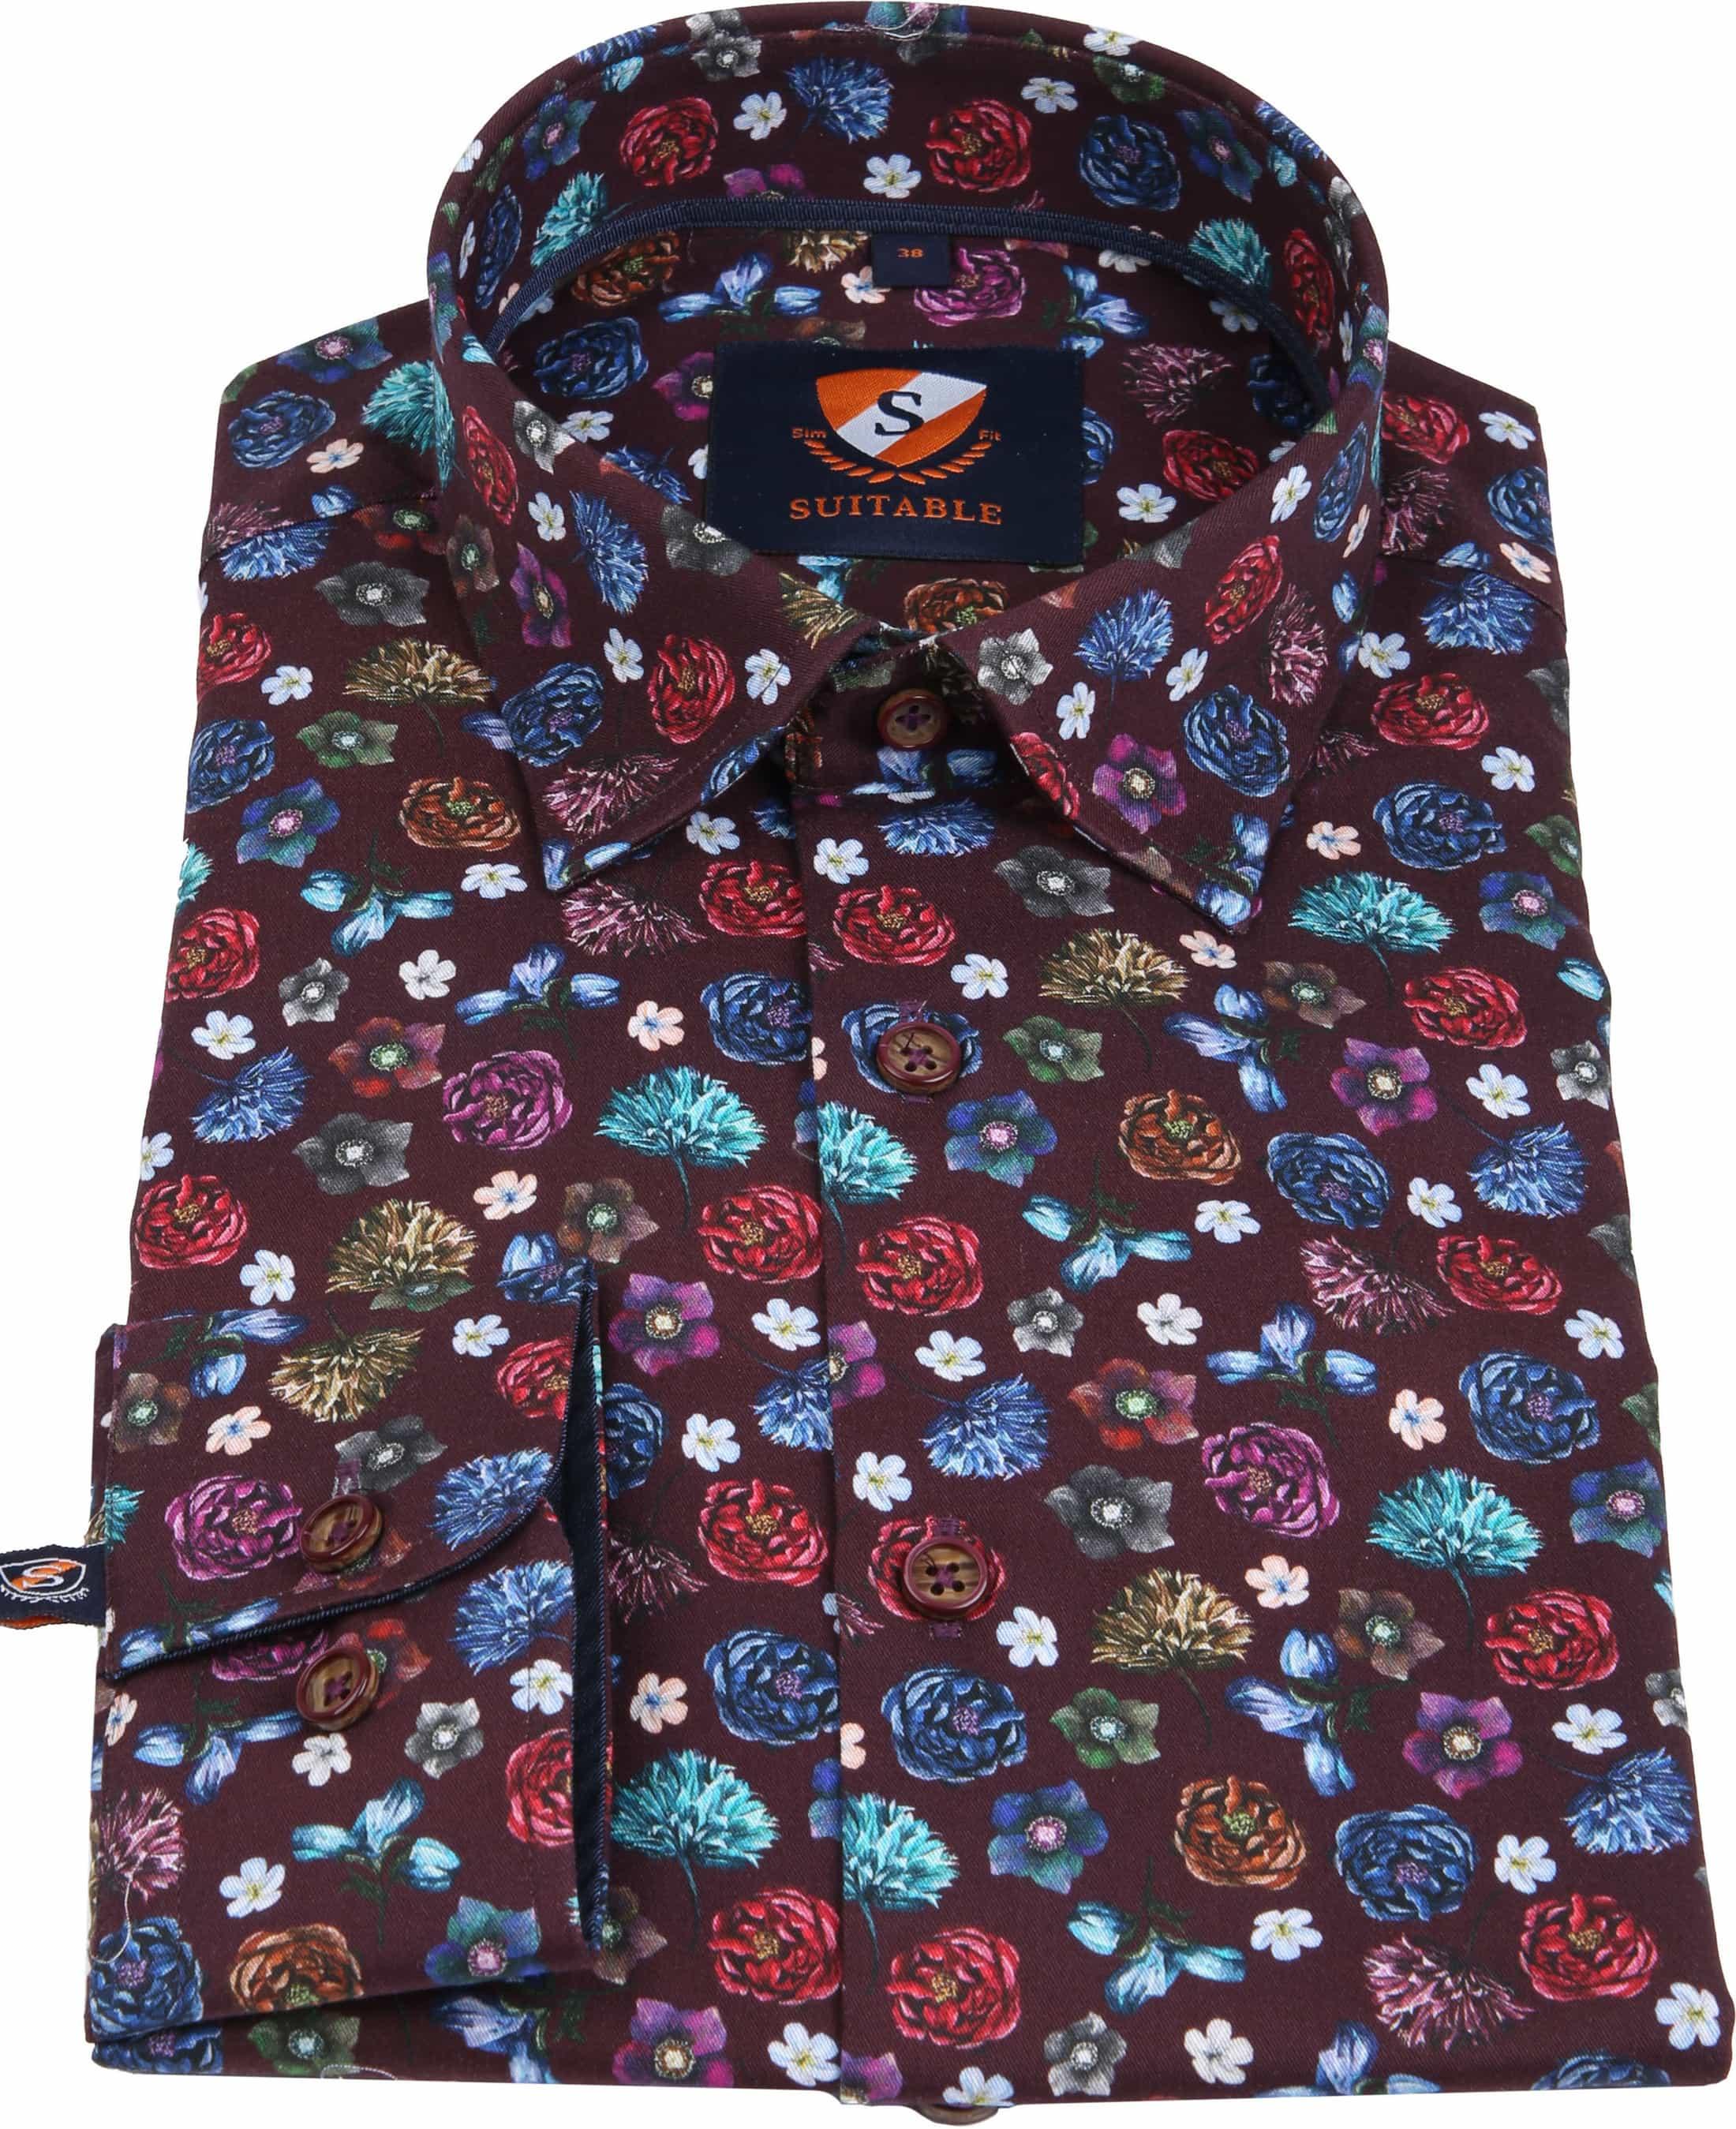 Suitable Overhemd HBD Smart Flower foto 3